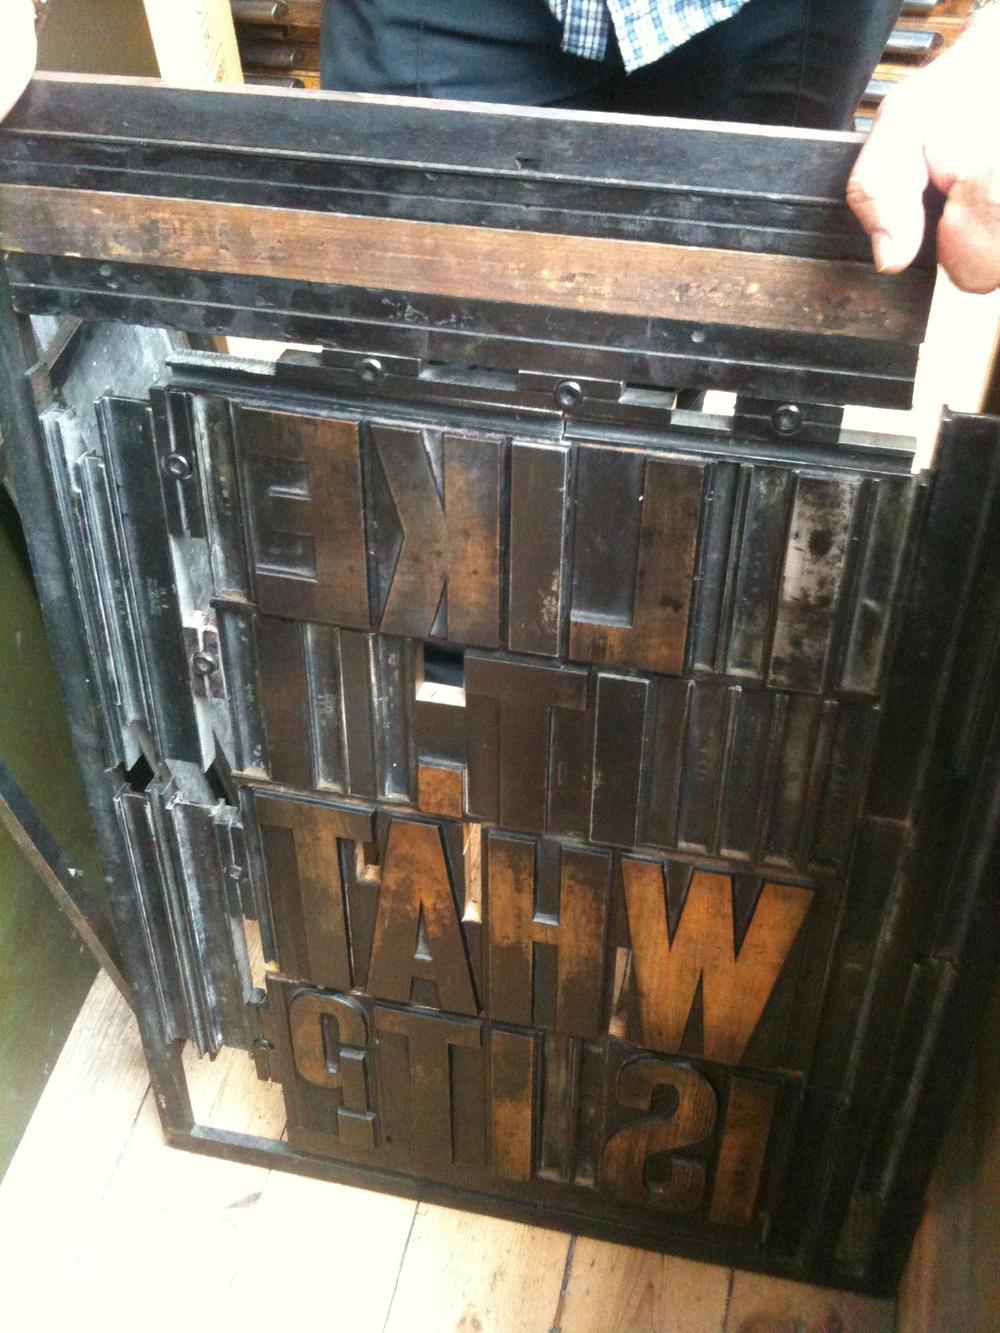 ADAMS OF RYE [artistic printers]